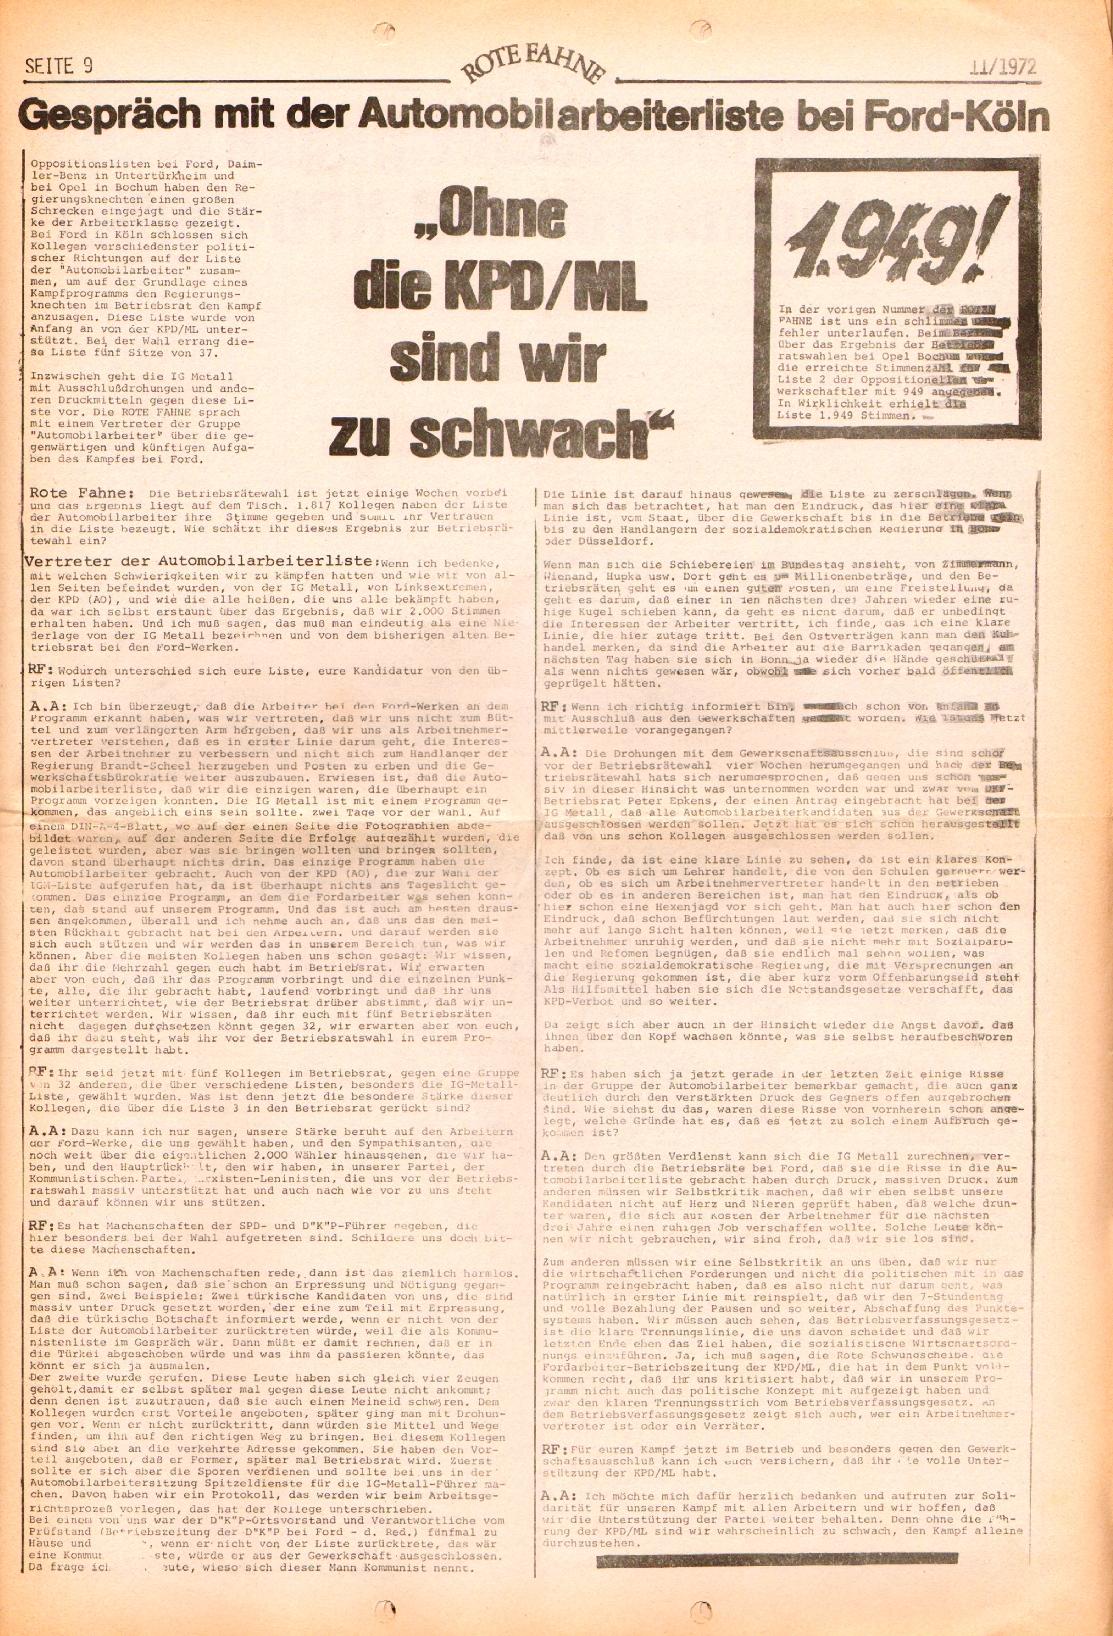 Rote Fahne, 3. Jg., 29.5.1972, Nr. 11, Seite 9